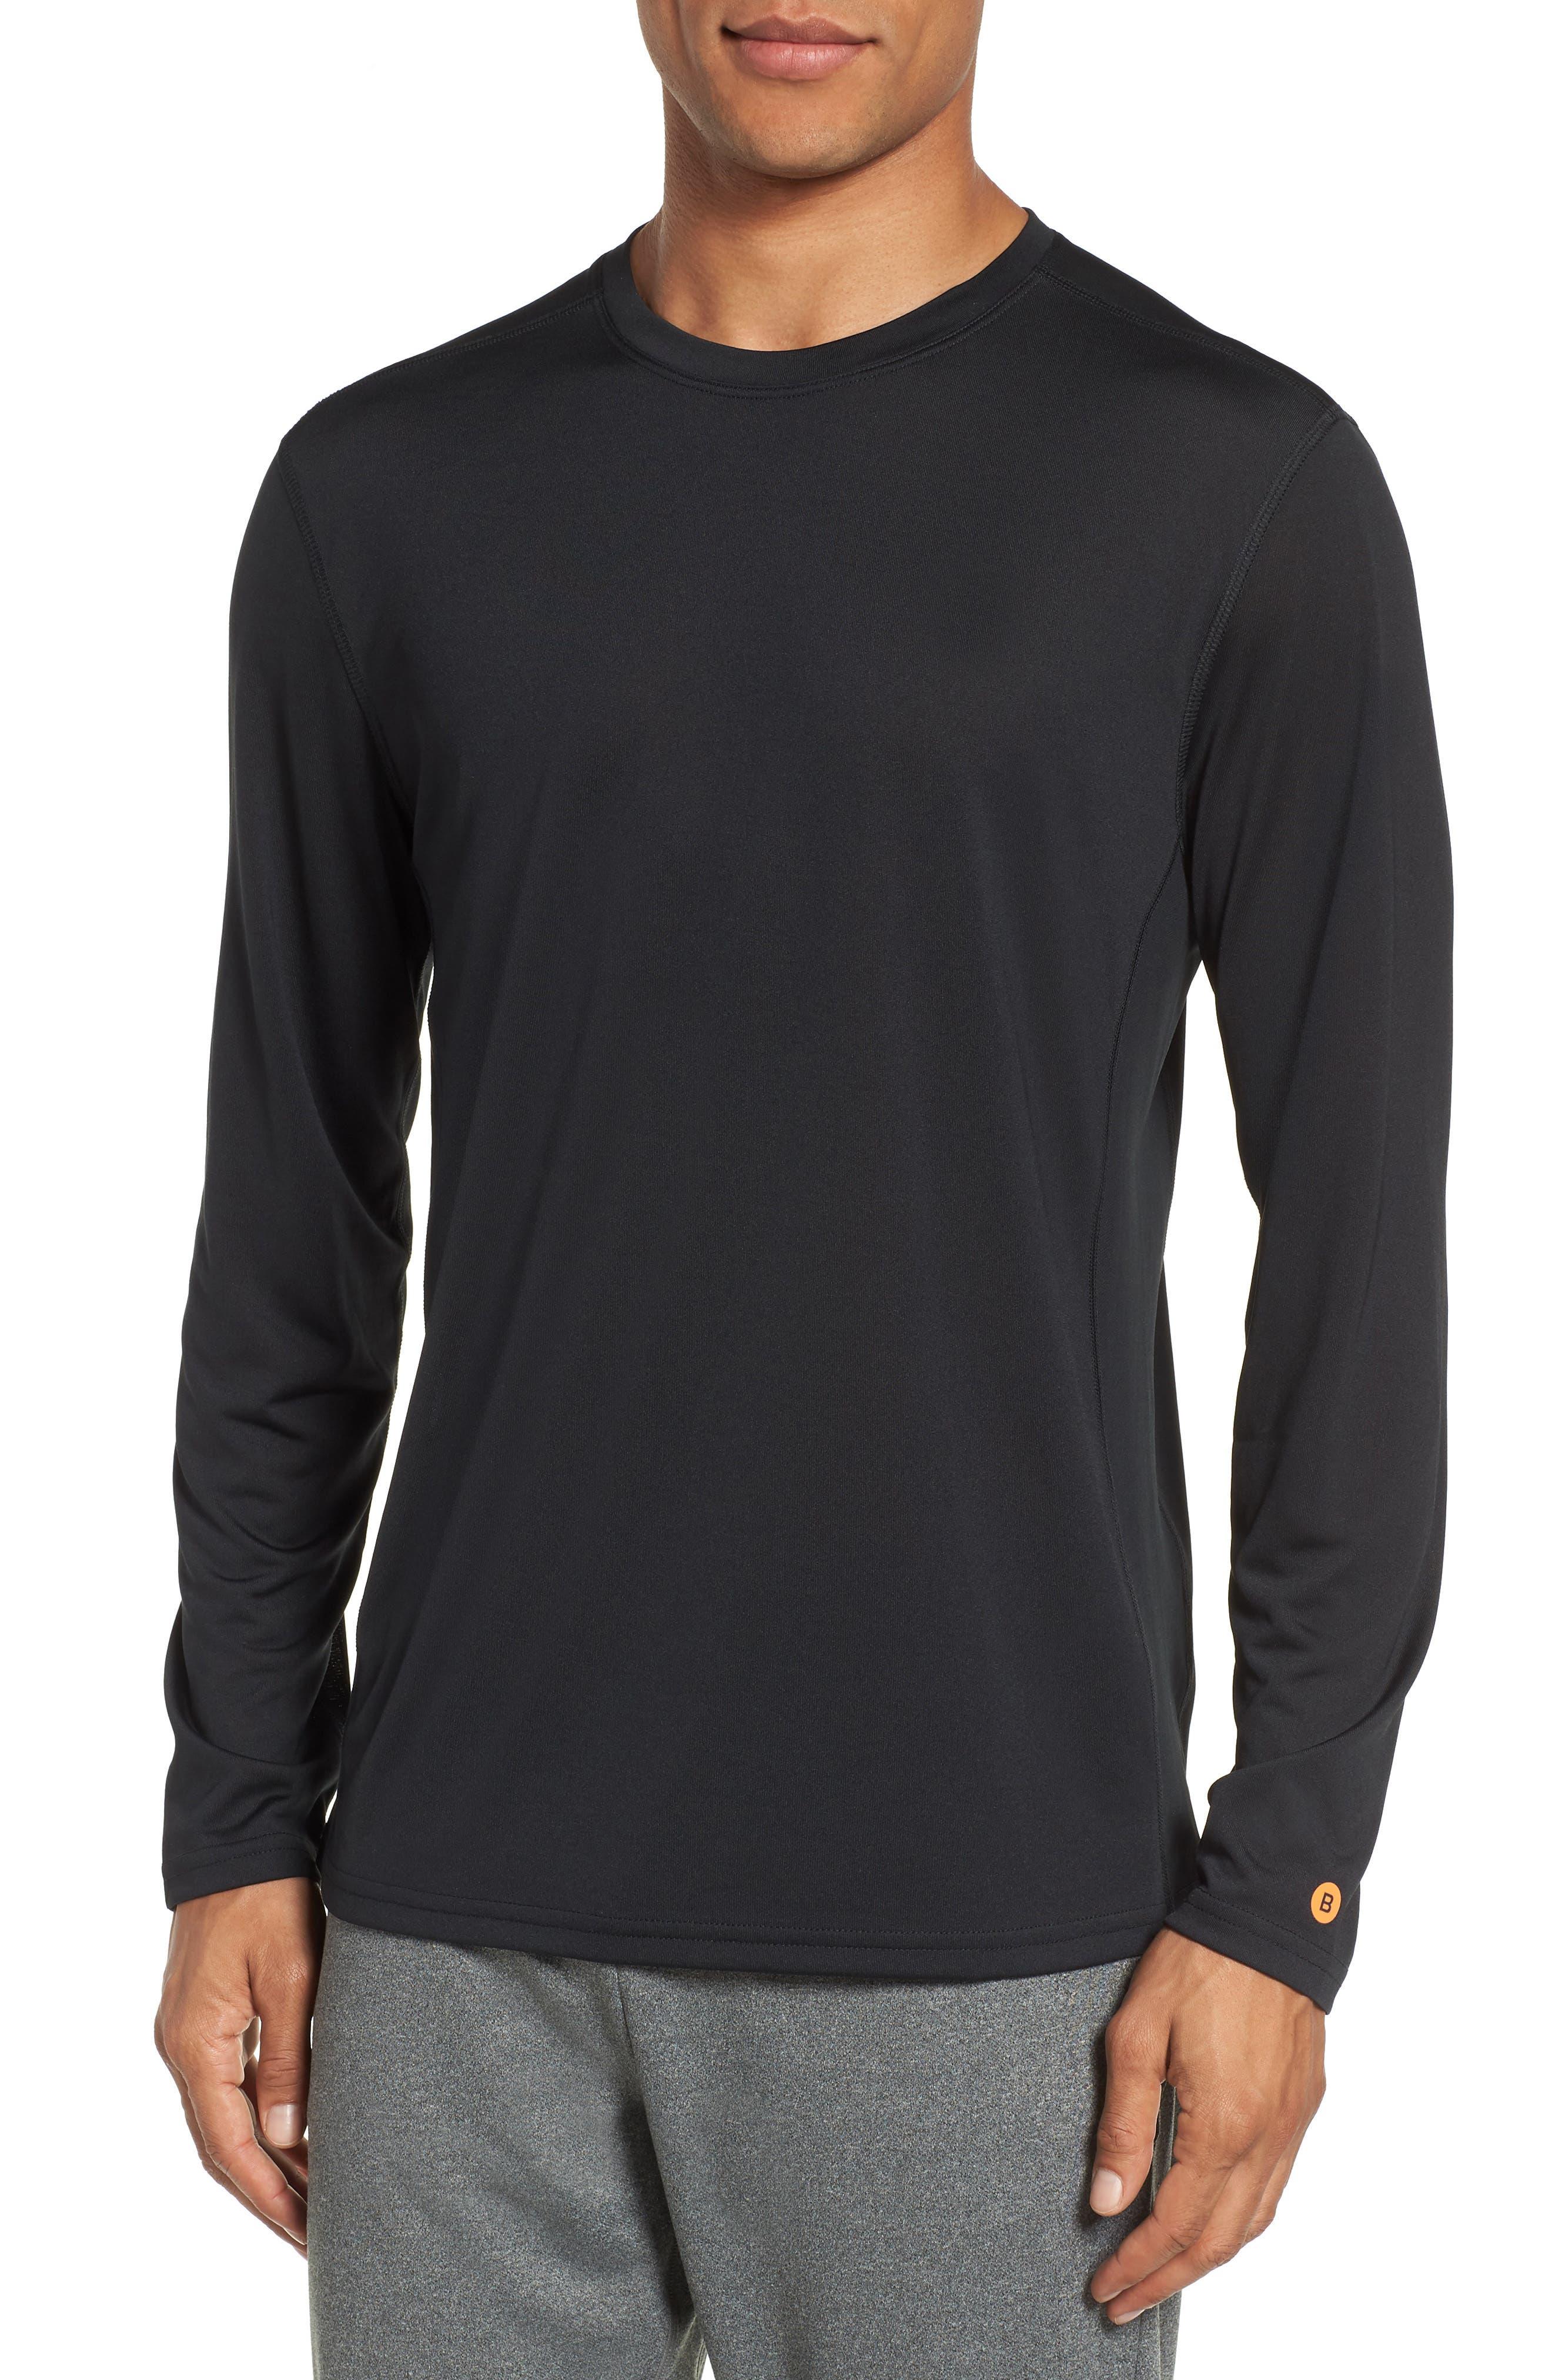 Goodsport T-Shirt,                             Main thumbnail 1, color,                             JET BLACK